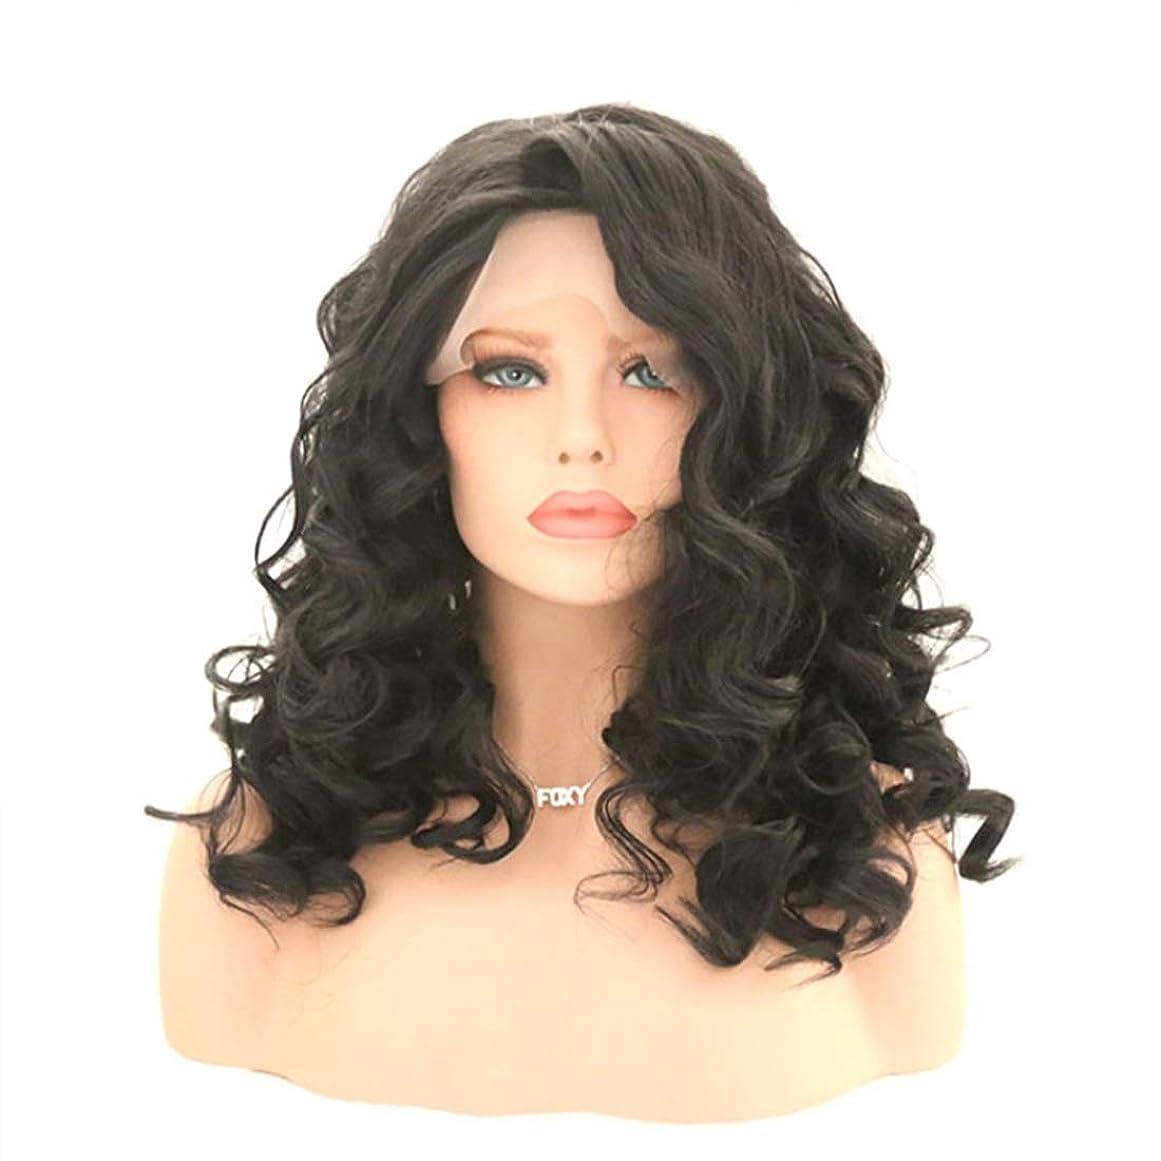 操る祝福大事にするSummerys 女性のためのカーリー波状かつら前髪付きかつら人工毛髪かつら自然なかつら (Size : 16 inches)